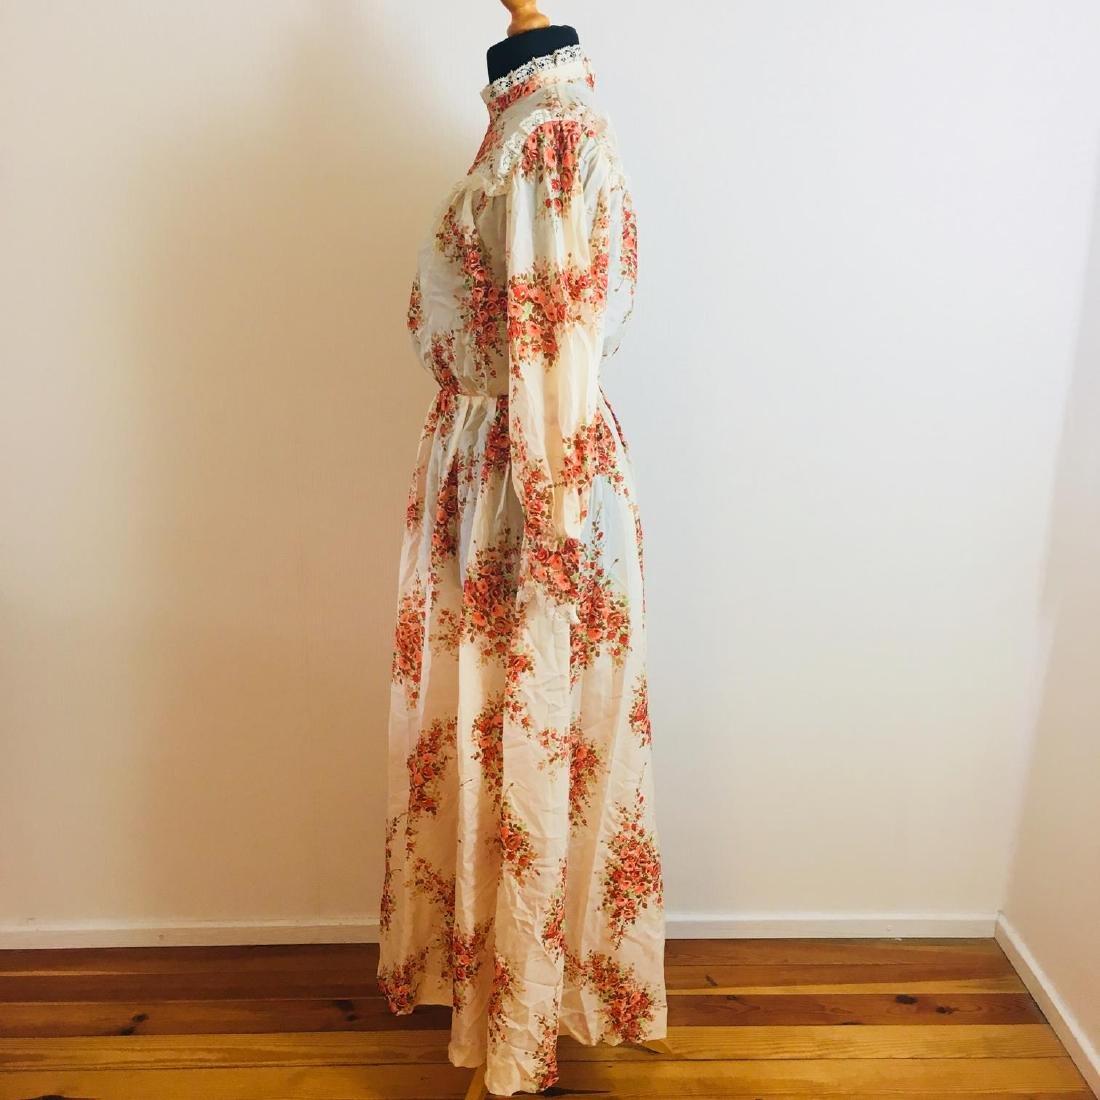 Vintage Women's Cocktail Maxi Dress Size EUR 38 US 8 - 4